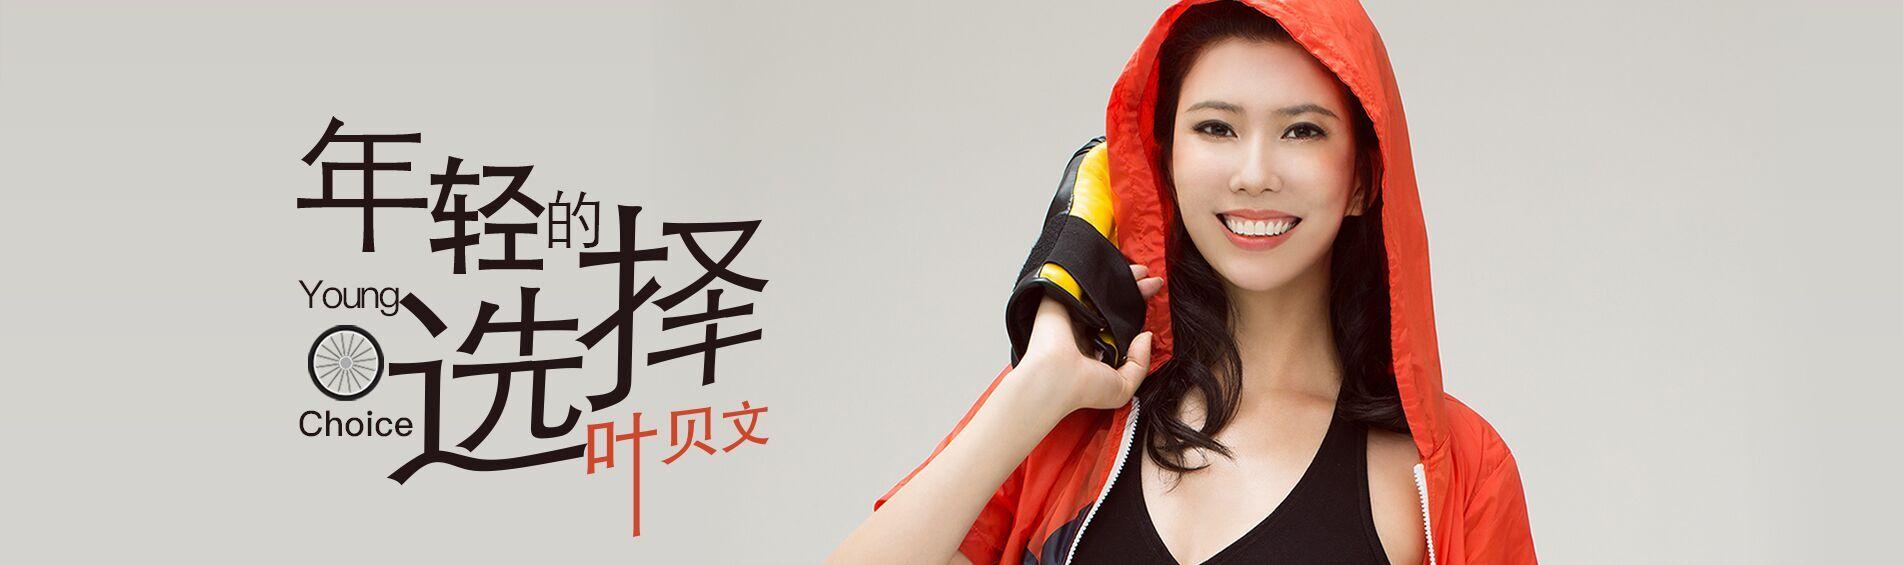 叶贝文引领新时尚 歌